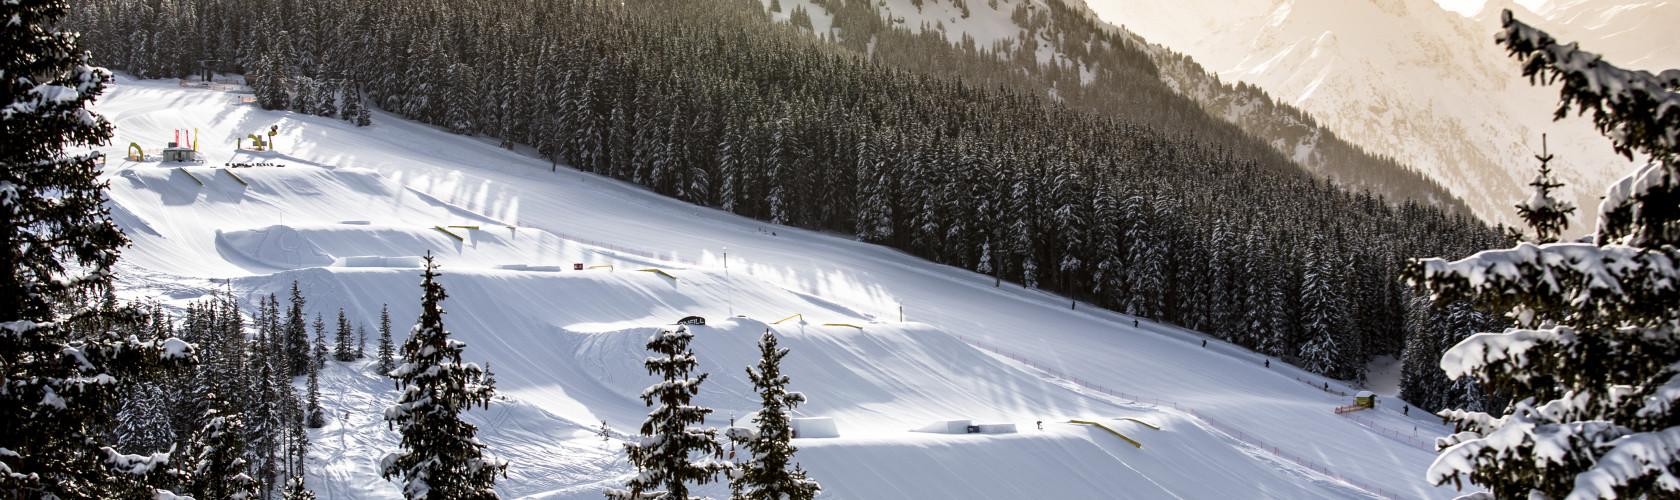 Schladming funpark children skiing